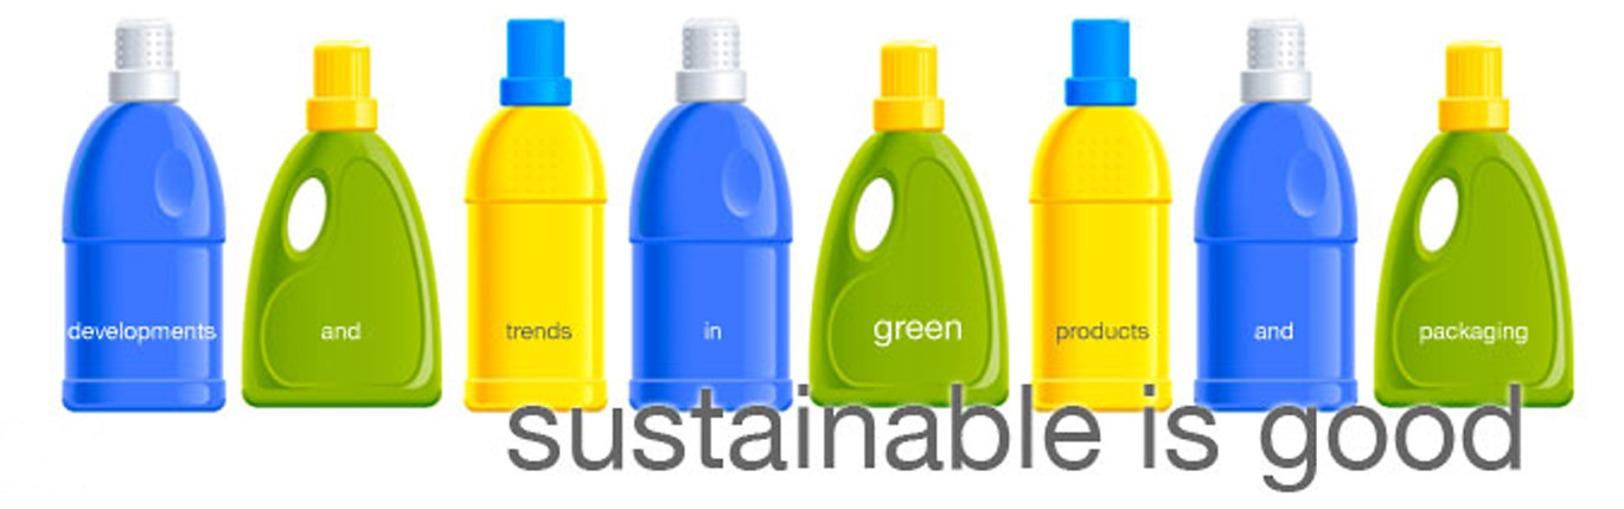 sustainableisgood.jpg